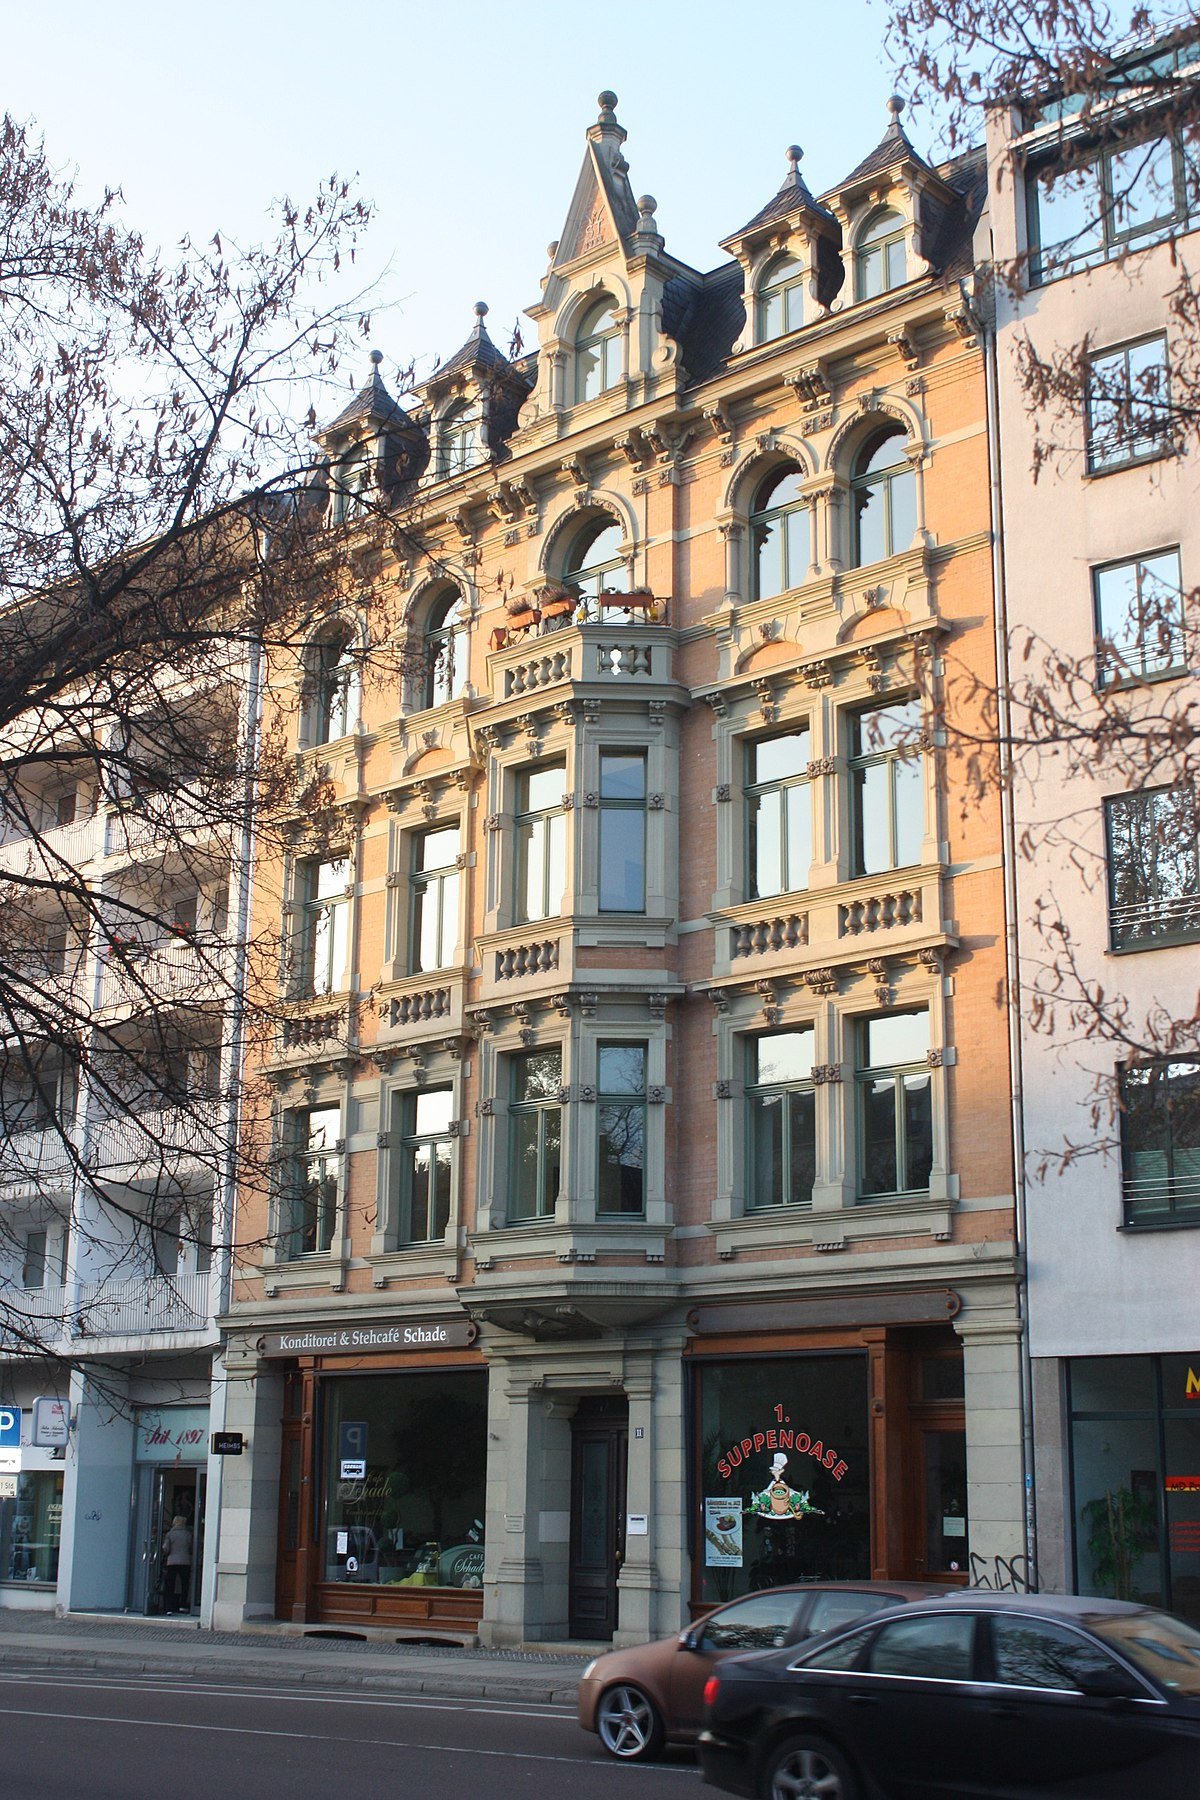 Haus Mieten Halle Saale : file halle saale haus hansering 11 caf schade jpg wikimedia commons ~ Watch28wear.com Haus und Dekorationen